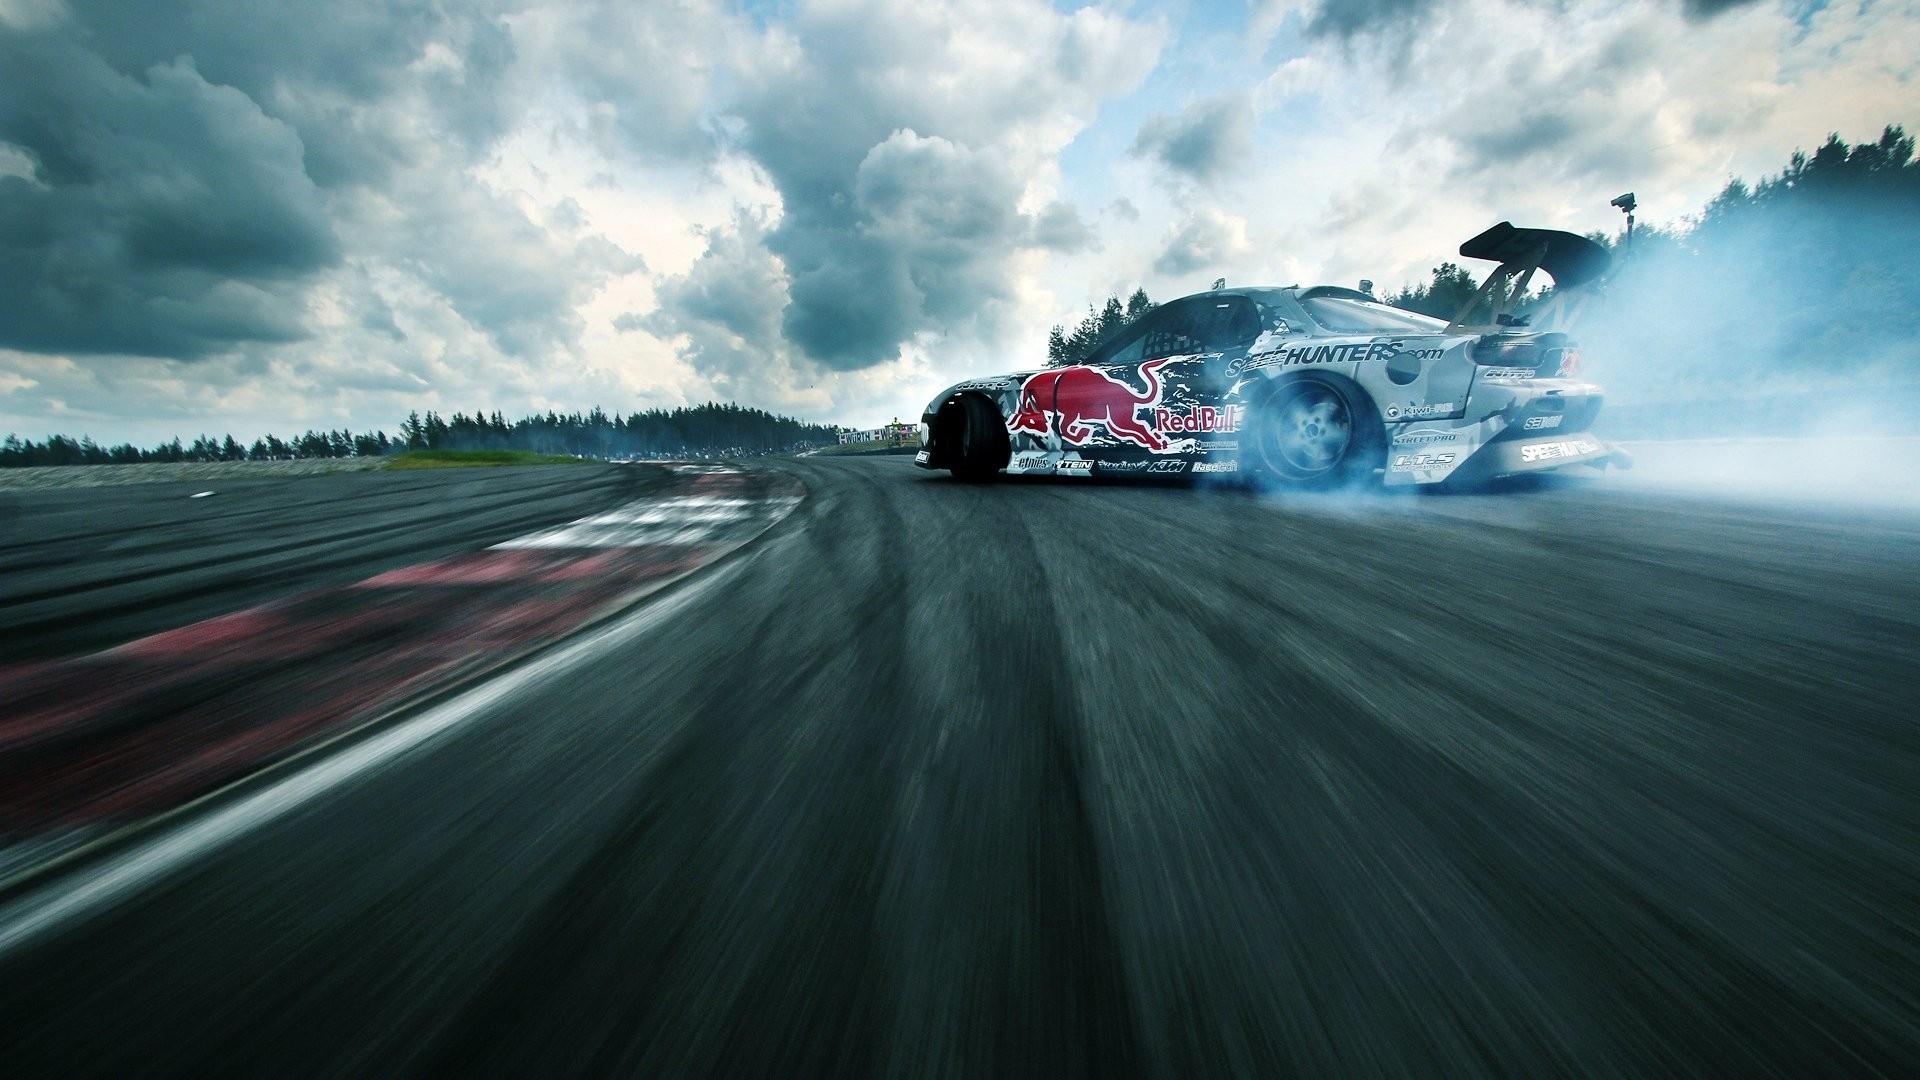 Drift Background Wallpaper